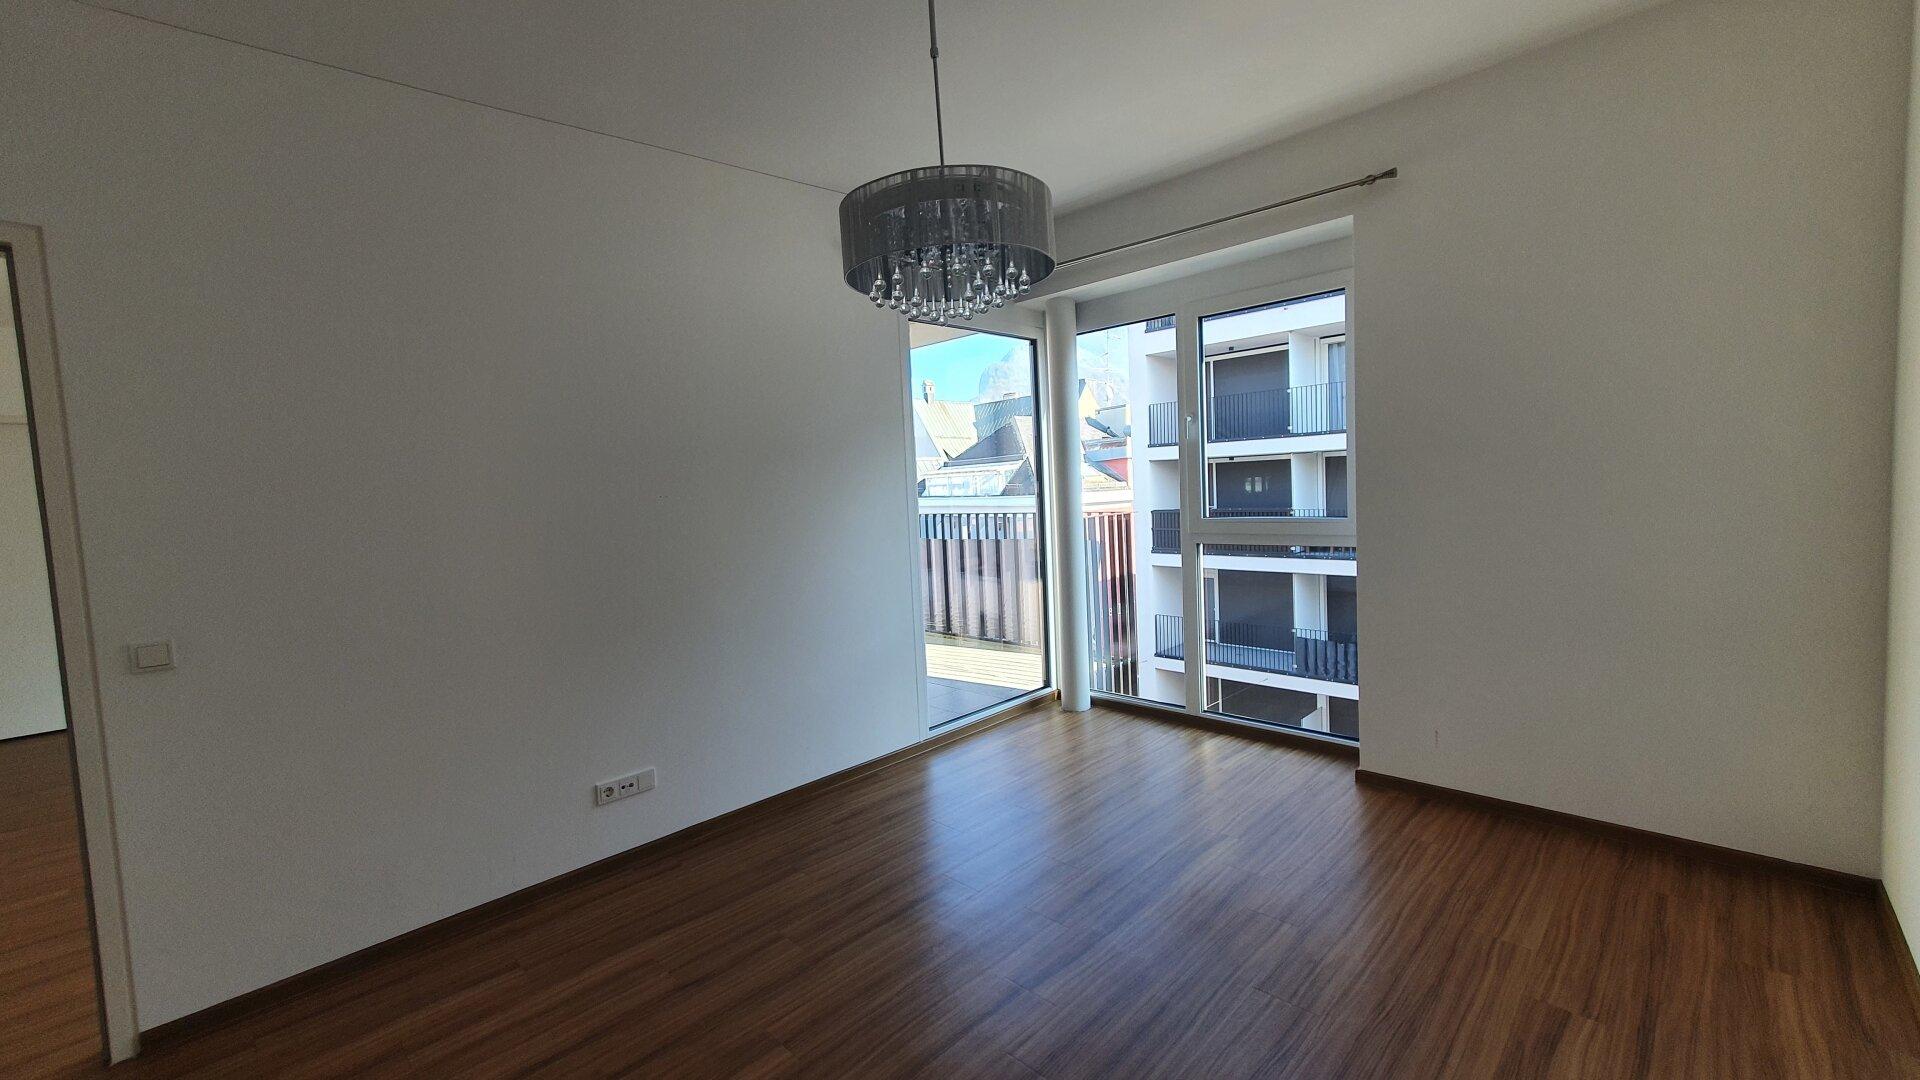 Zimmer 1, 3-Zimmer Wohnung Kufstein Zentrum